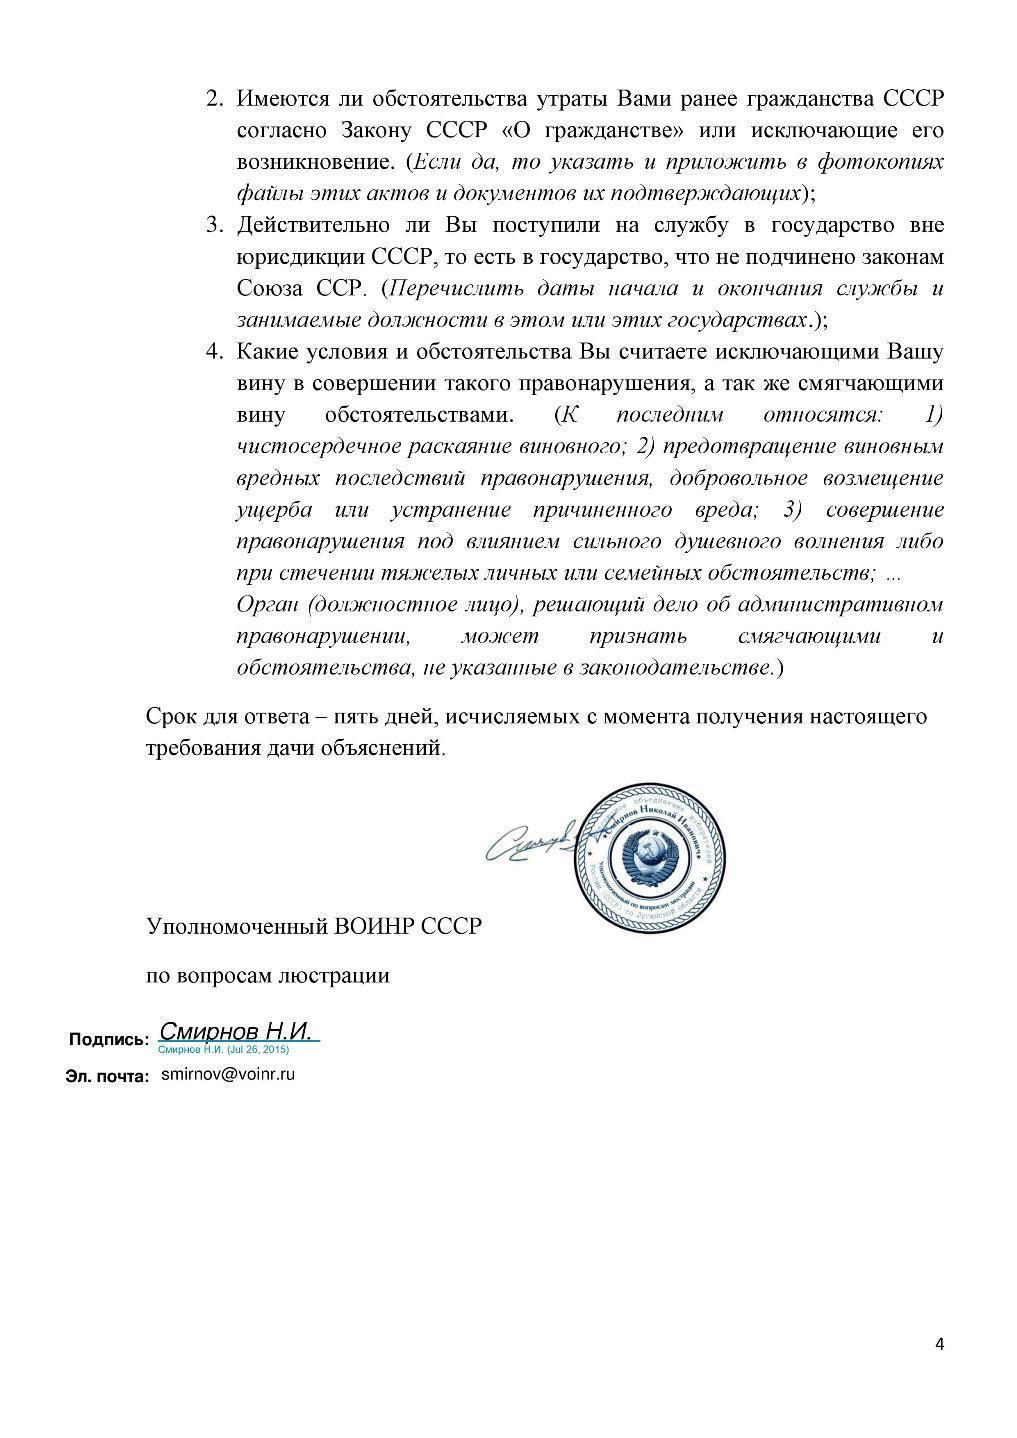 http://voinr.ru/voinr-ru/wp-content/uploads/2015/07/page41.jpg